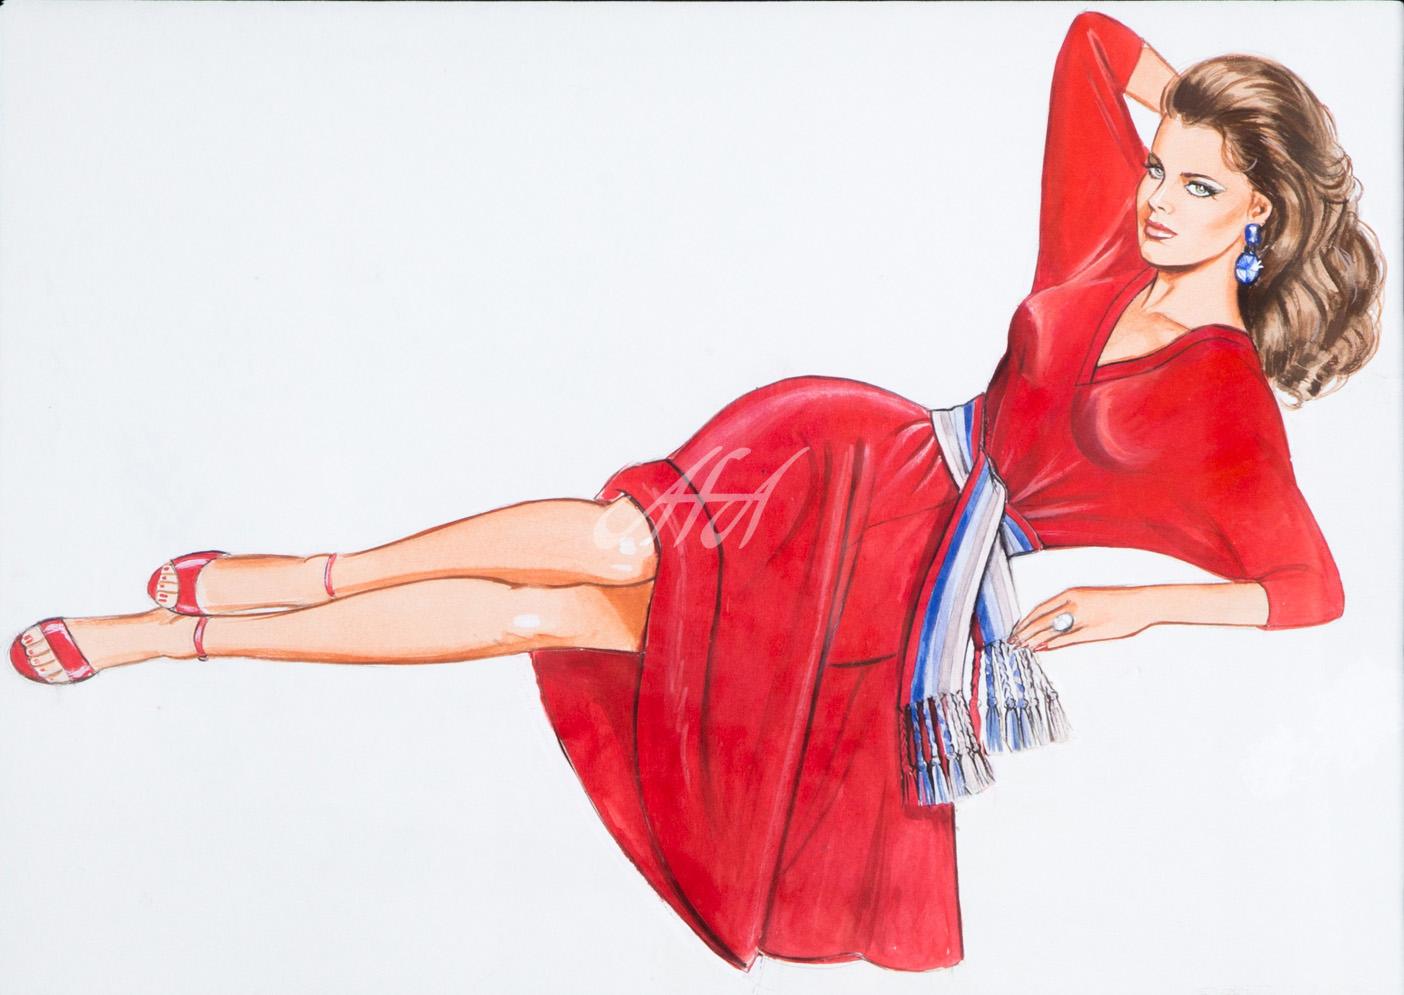 HCFM_Mellinger_di4423_reddress_framed LoRes watermark.jpg